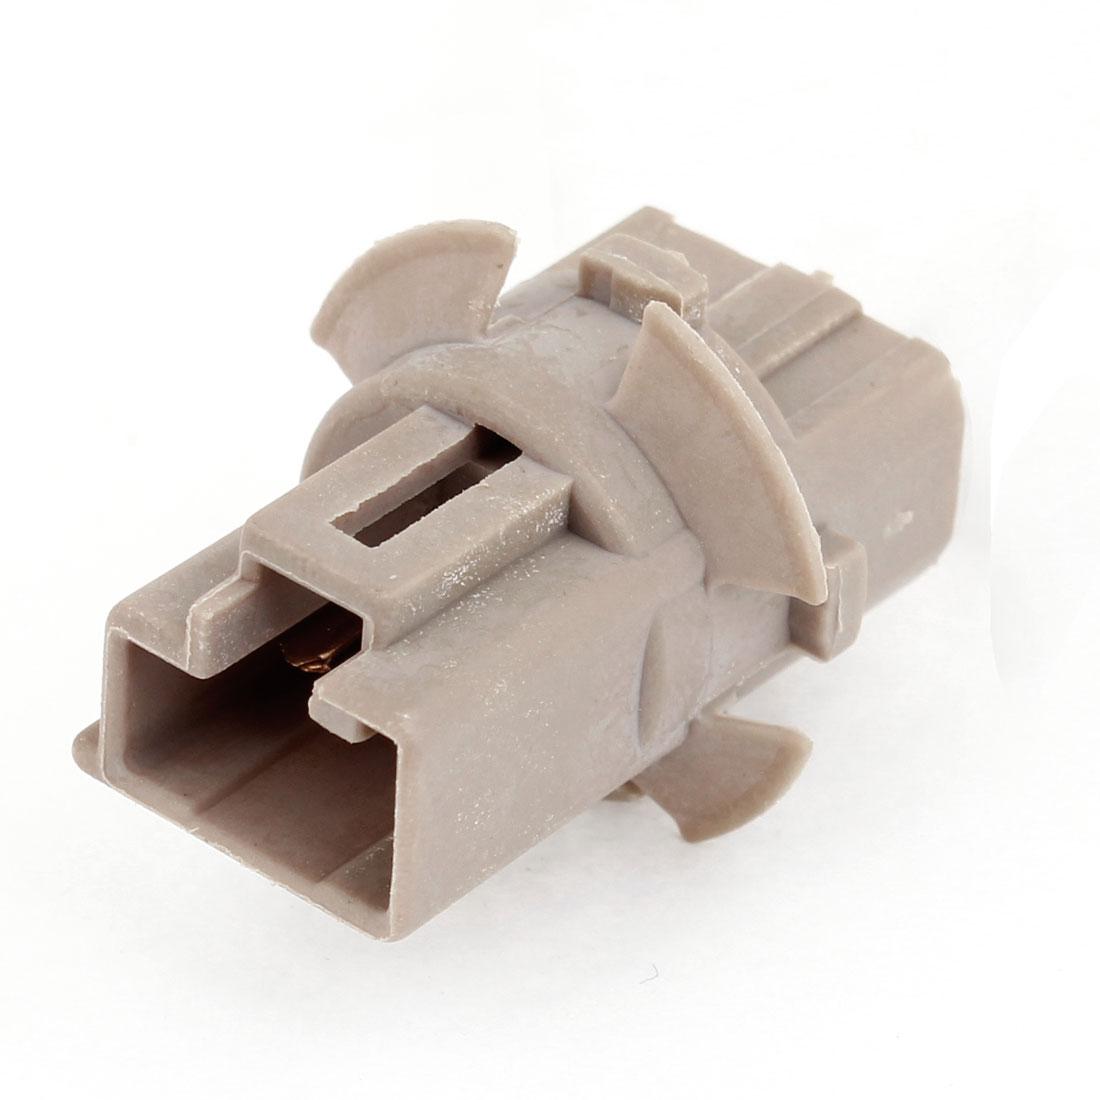 T20 Brown Plastic Braking Reverse Light Socket for Car